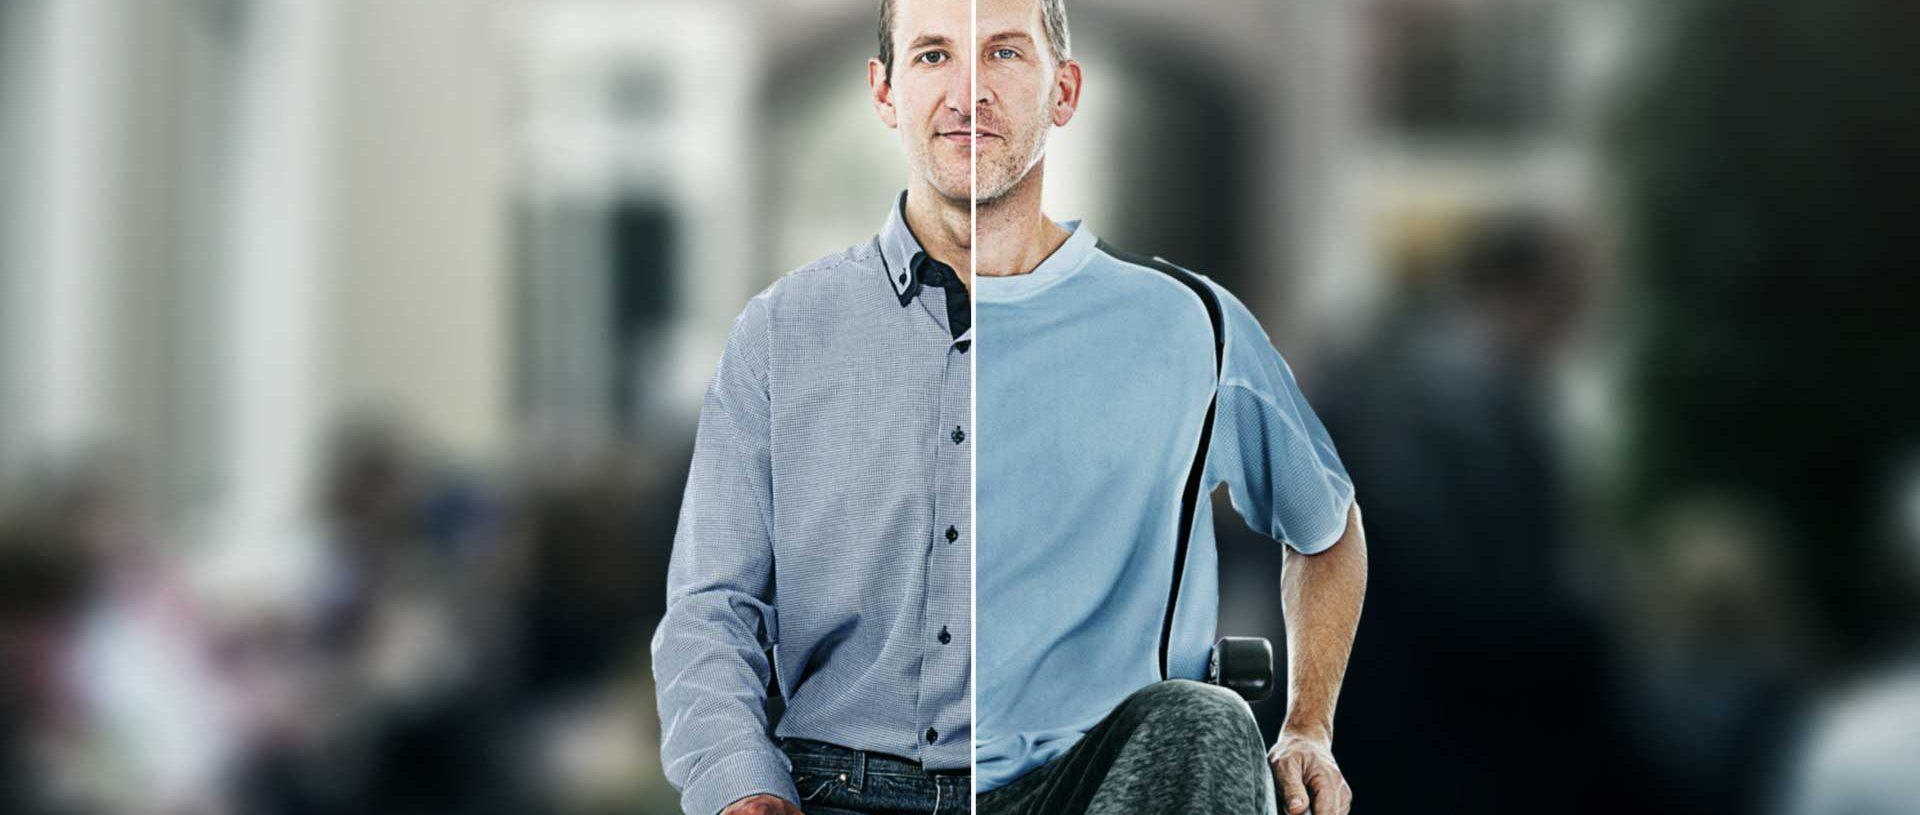 discriminatie den haag gehandicapten